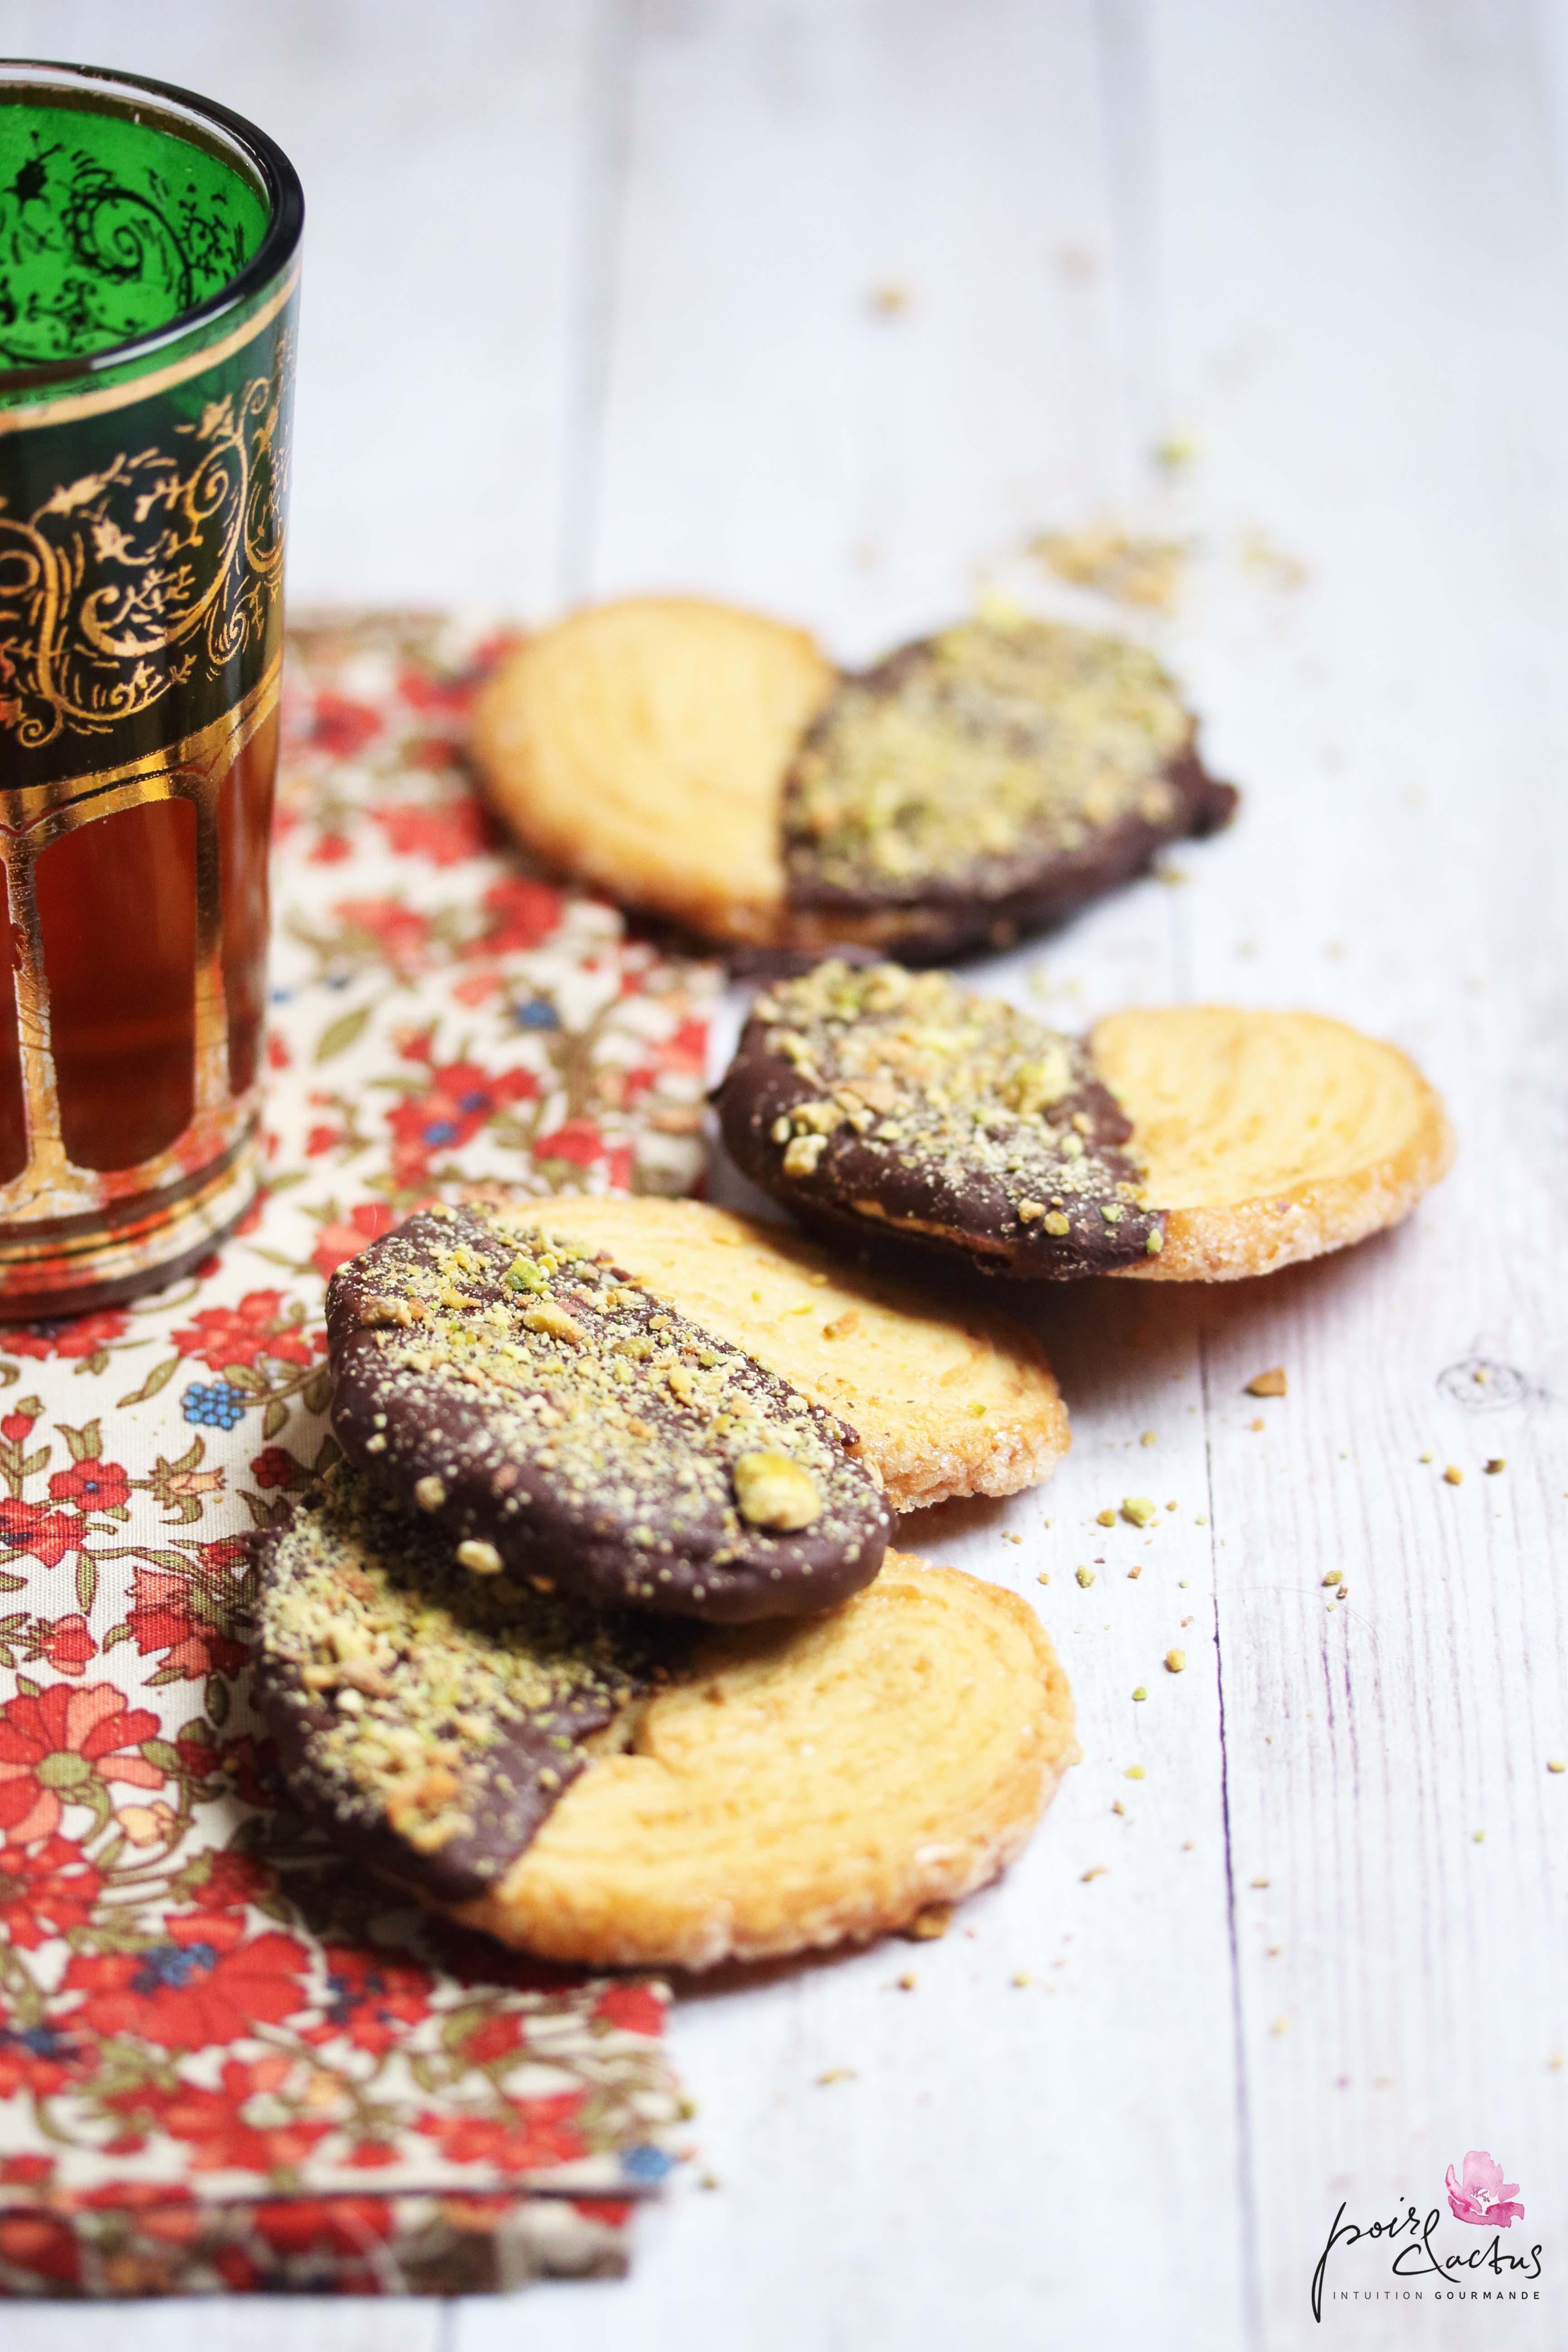 recette_palmier_chocolat_pistache_poiretcactus1